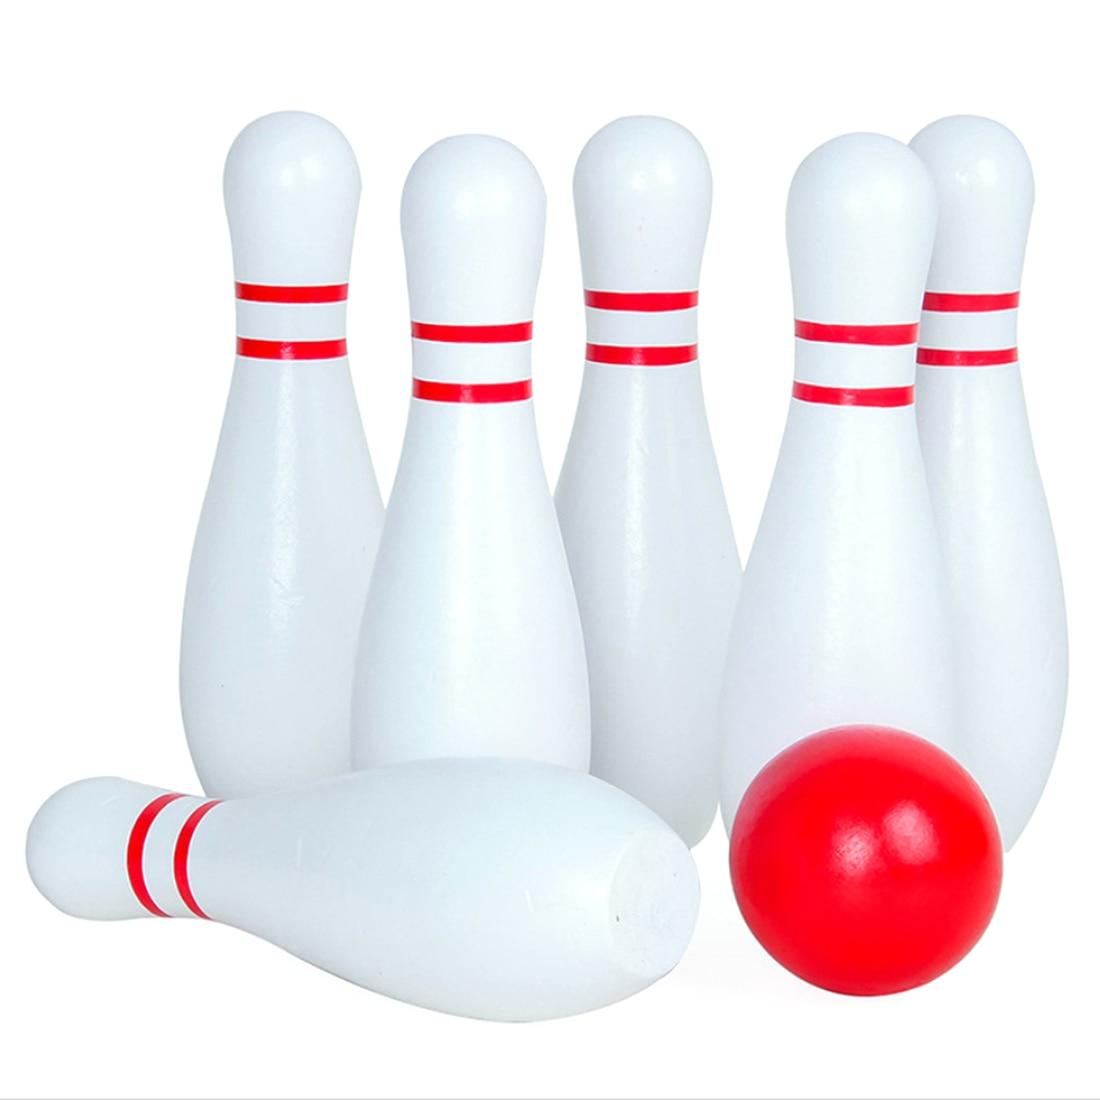 كبيرة الحجم خشبية التزلج الكرة داخلي لعبة البولينج مع 6 قوارير البولينغ ألعاب رياضية للأطفال الكبار انخفاض الشحن